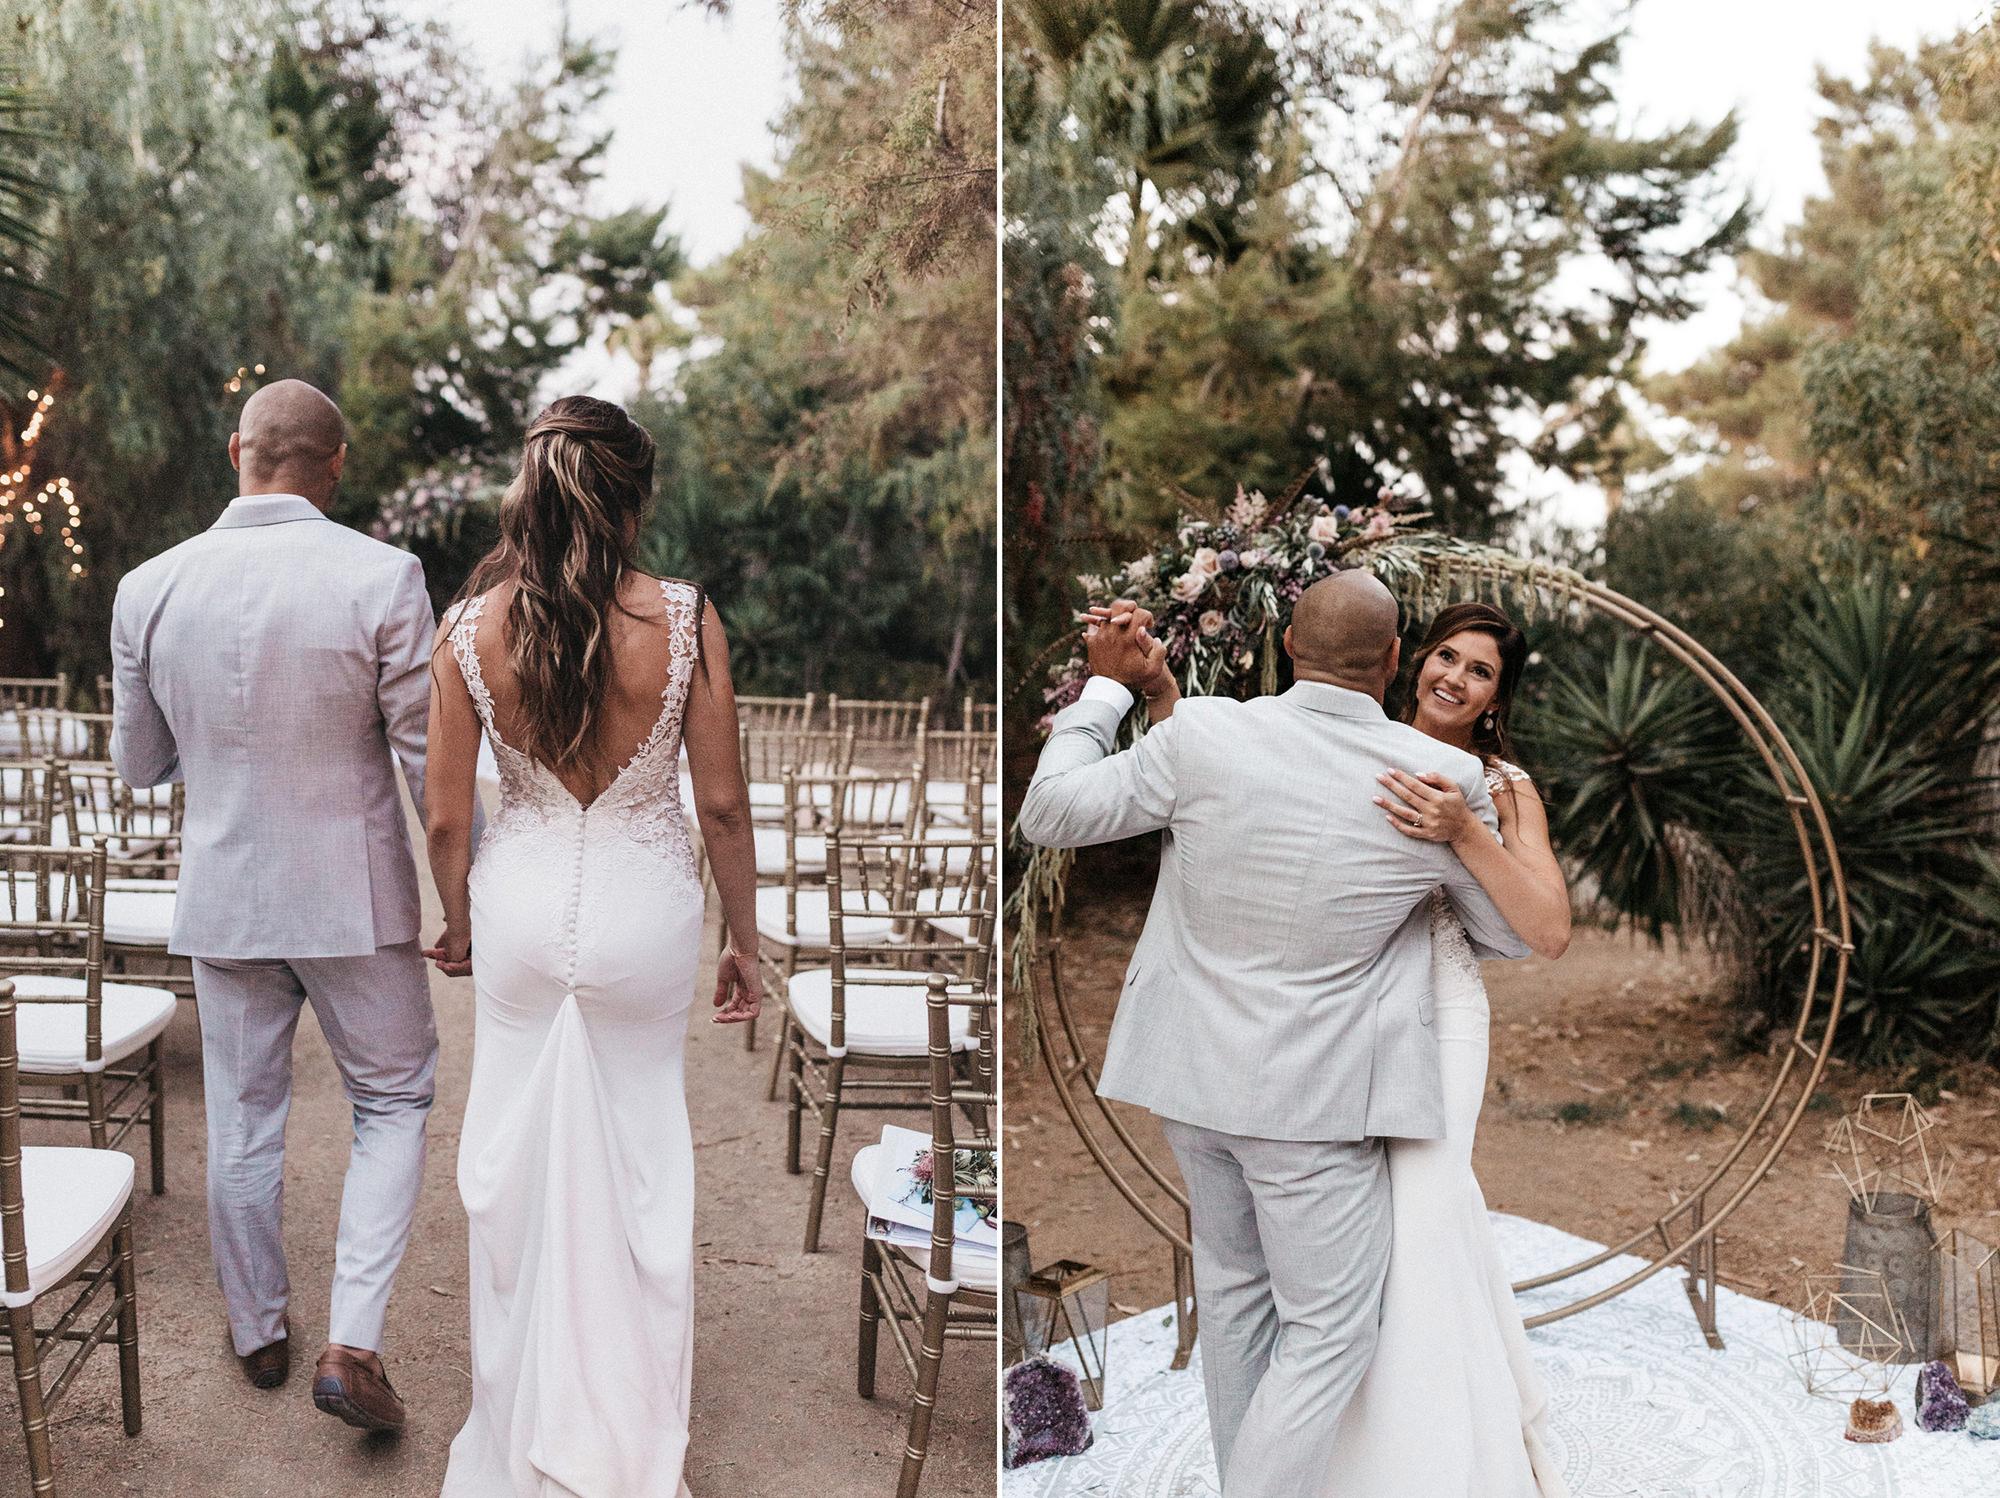 the_fire_garden_wedding-66.jpg